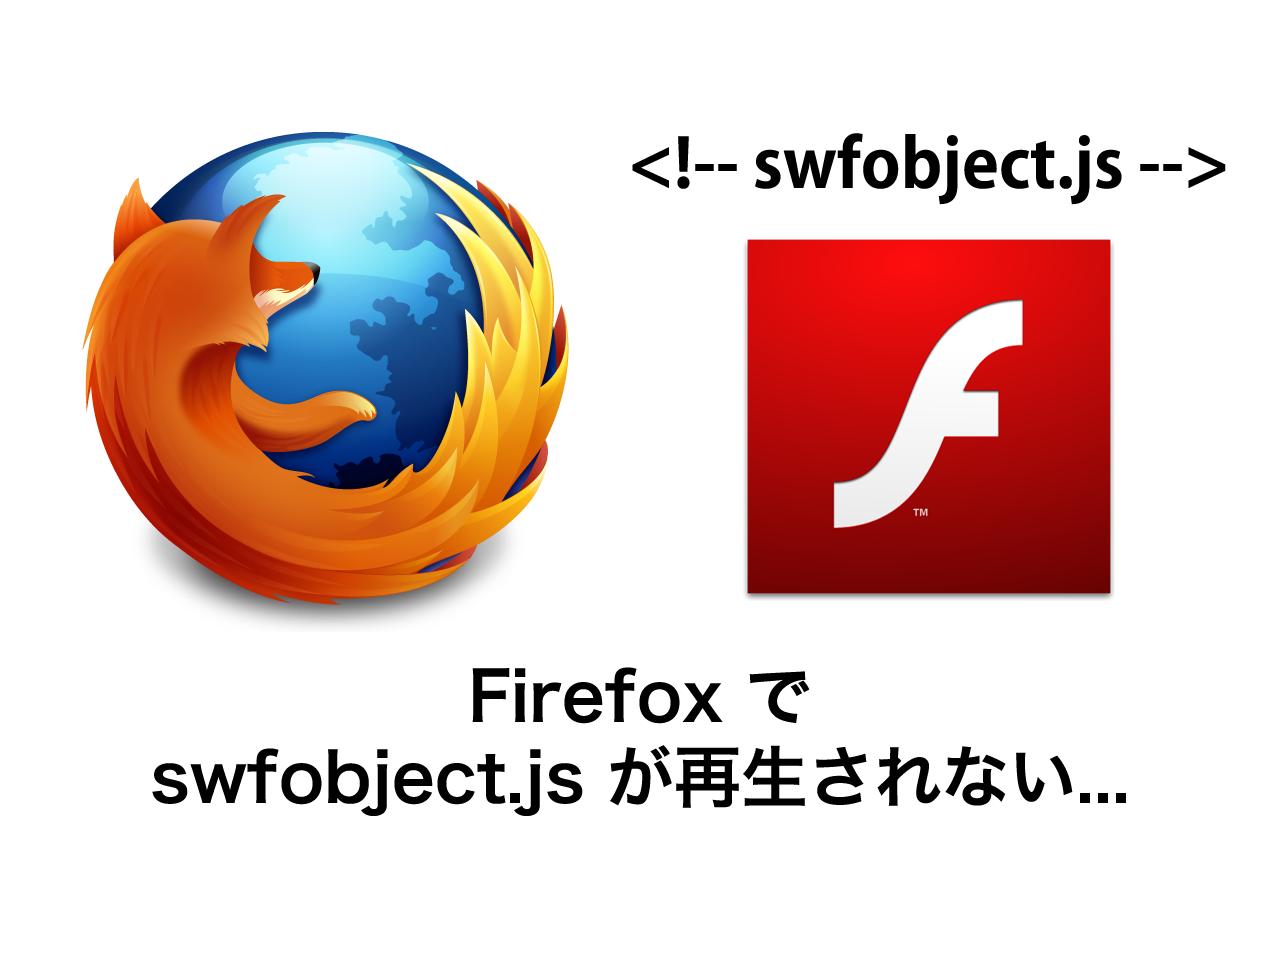 【トラブルシューティング】FireFoxでswfobject.jsが再生されないエラーとその解決法(4つの試行錯誤)